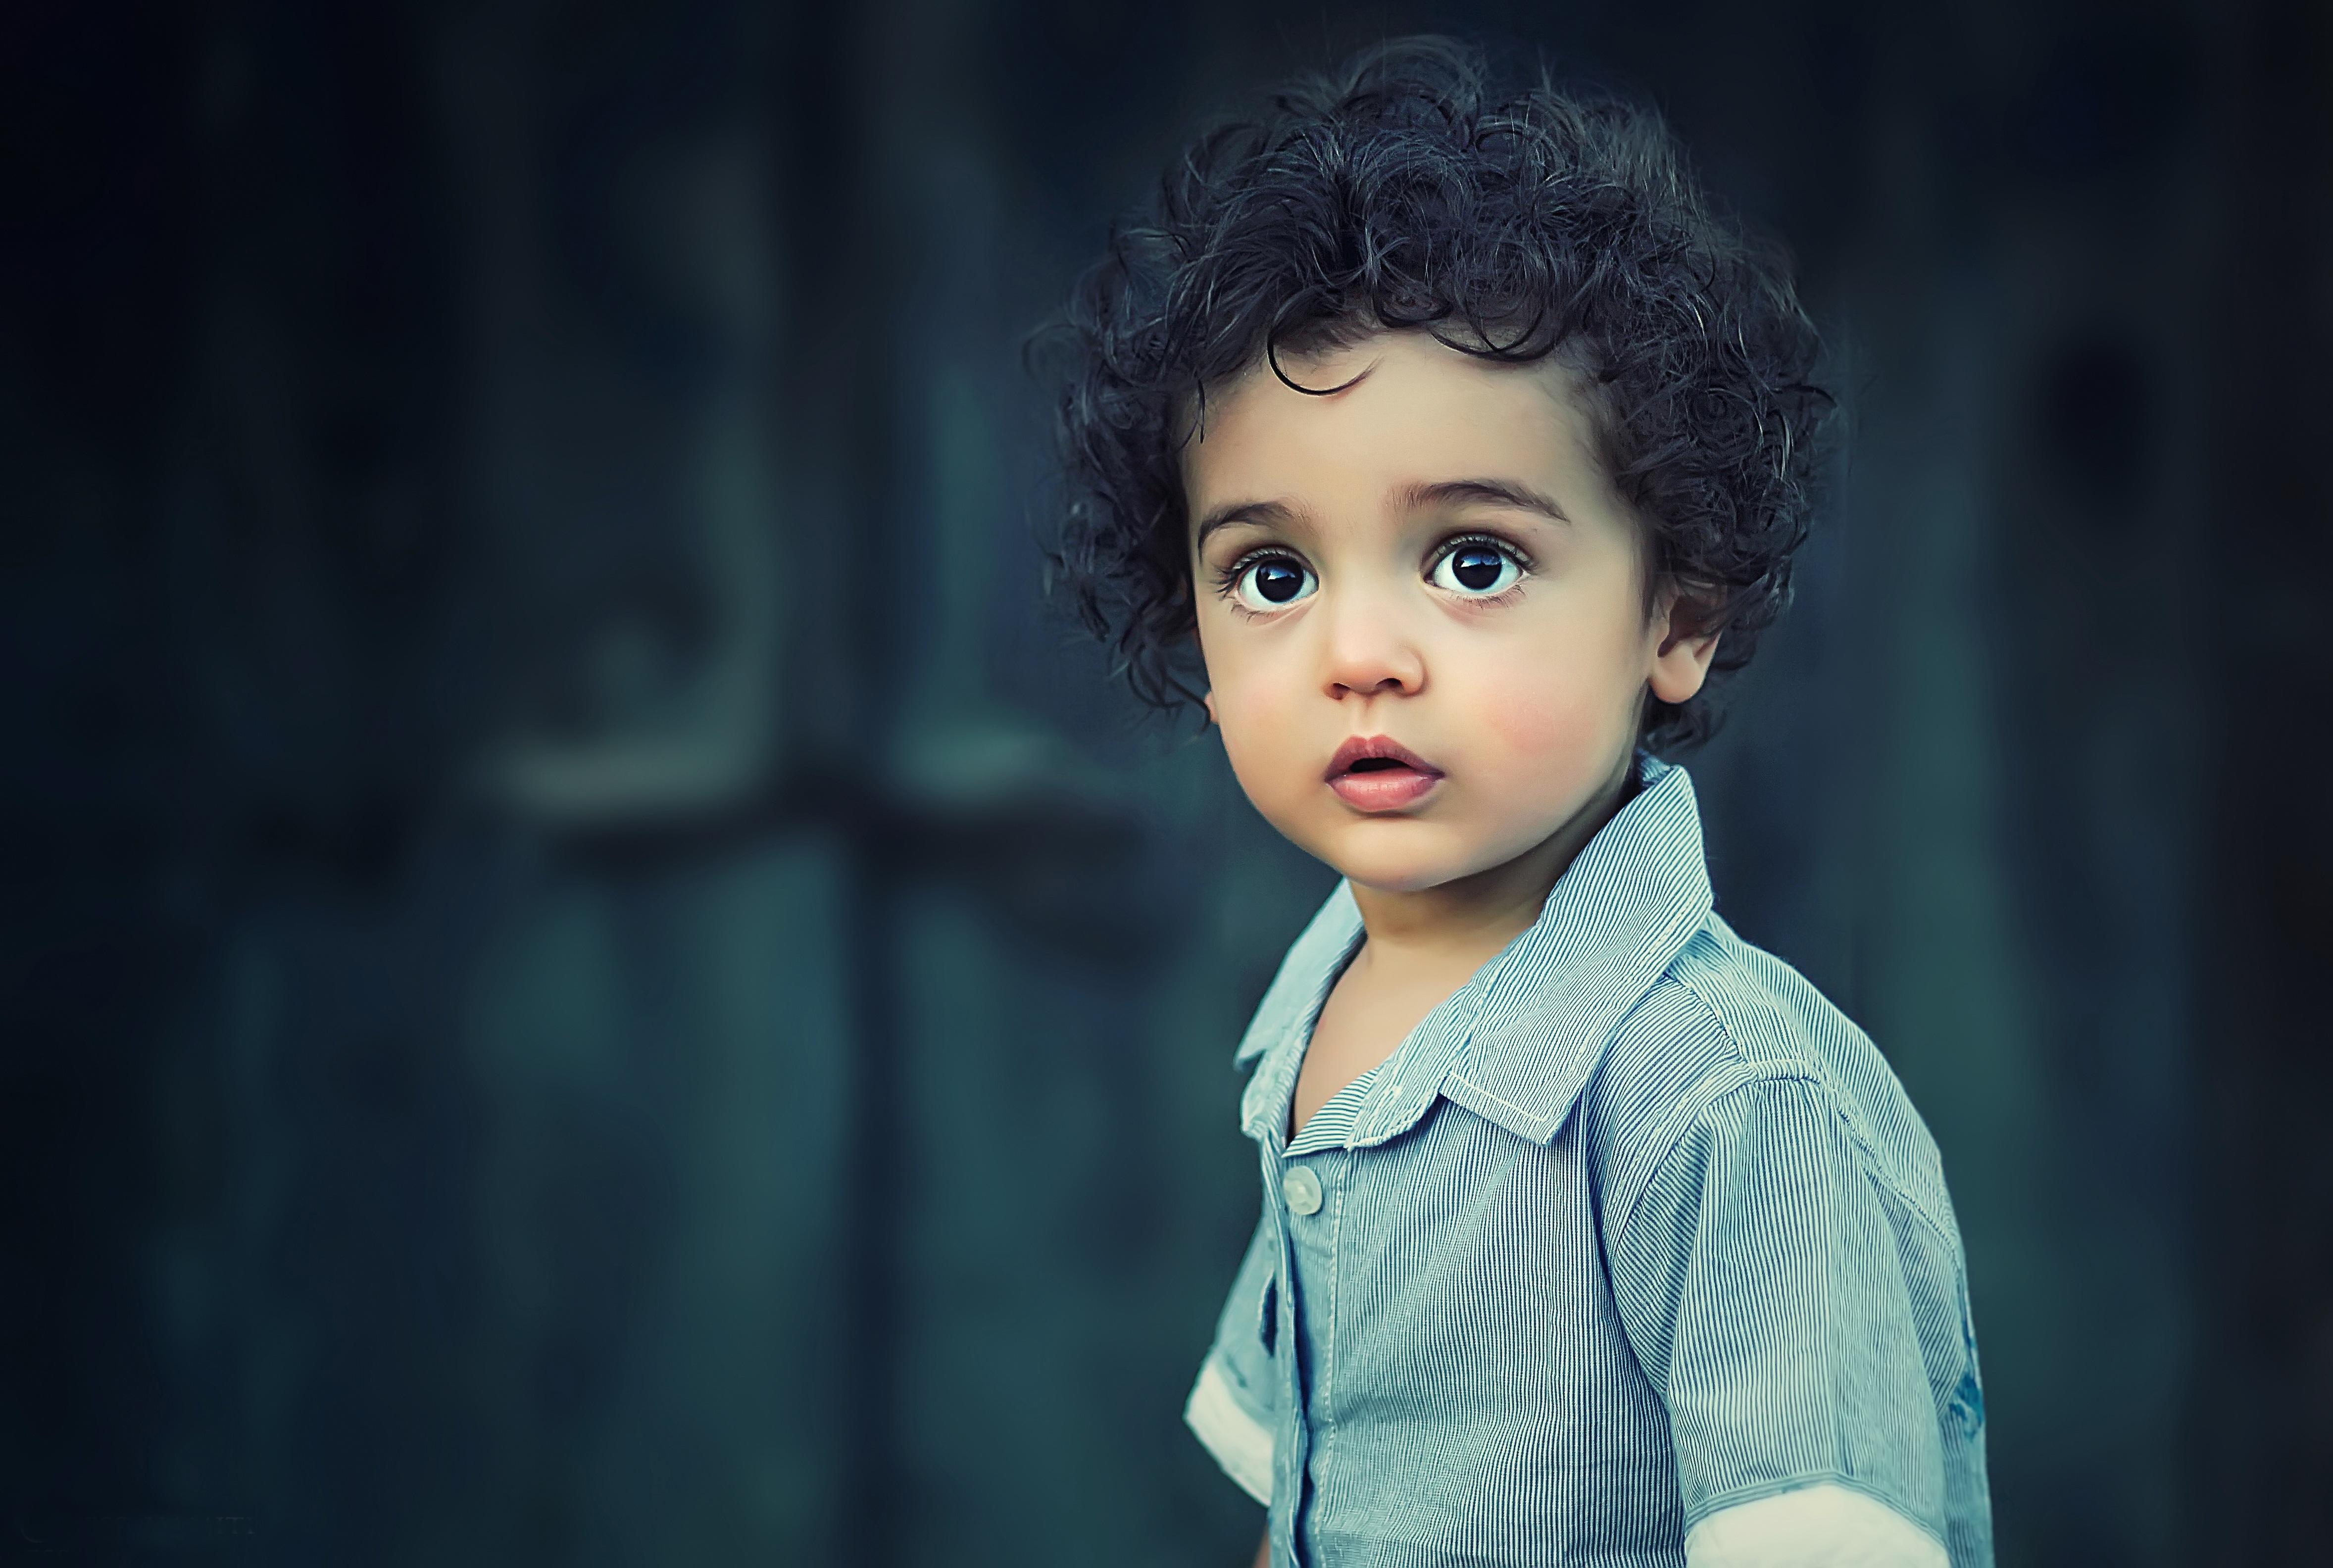 Neviete aké meno vybrať pre svoje budúce bábätko – chlapčeka  ZOZNAM MIEN  PRE CHLAPCOV b1600d59cd2